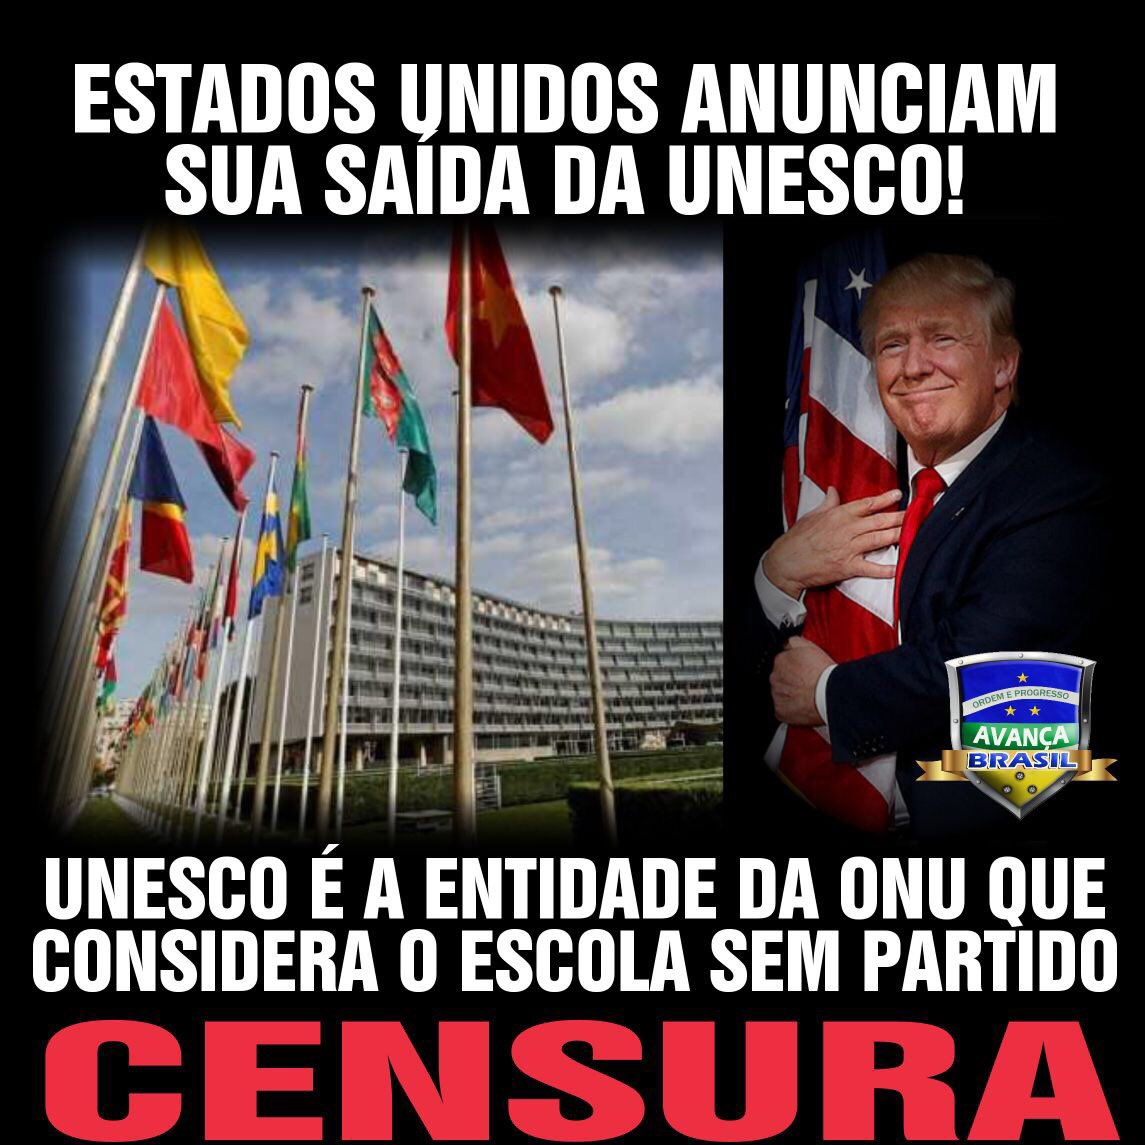 Parabéns Trump/USA! #MAGA!  Estados Unidos anunciam sua saída do órgão Globalista, anti Israel, de George Soros e cia., chamado UNESCO!